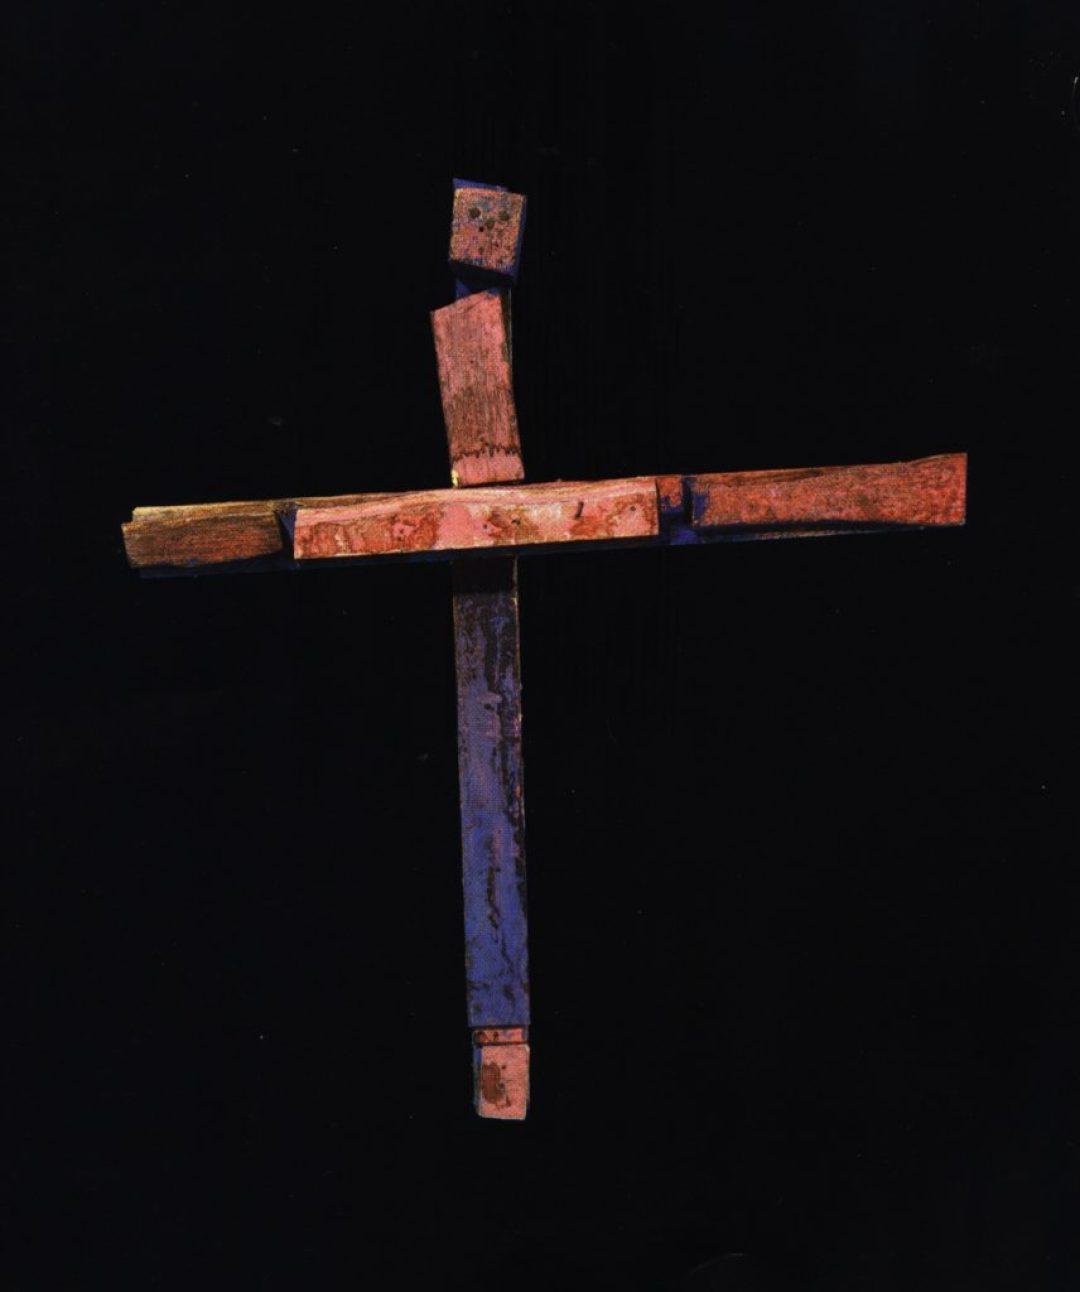 Jean-Pol Godart, sans titre, entre 1994 et 2004, bois, métal et gouache, 87,5 x 78 cm (photo Prodia)